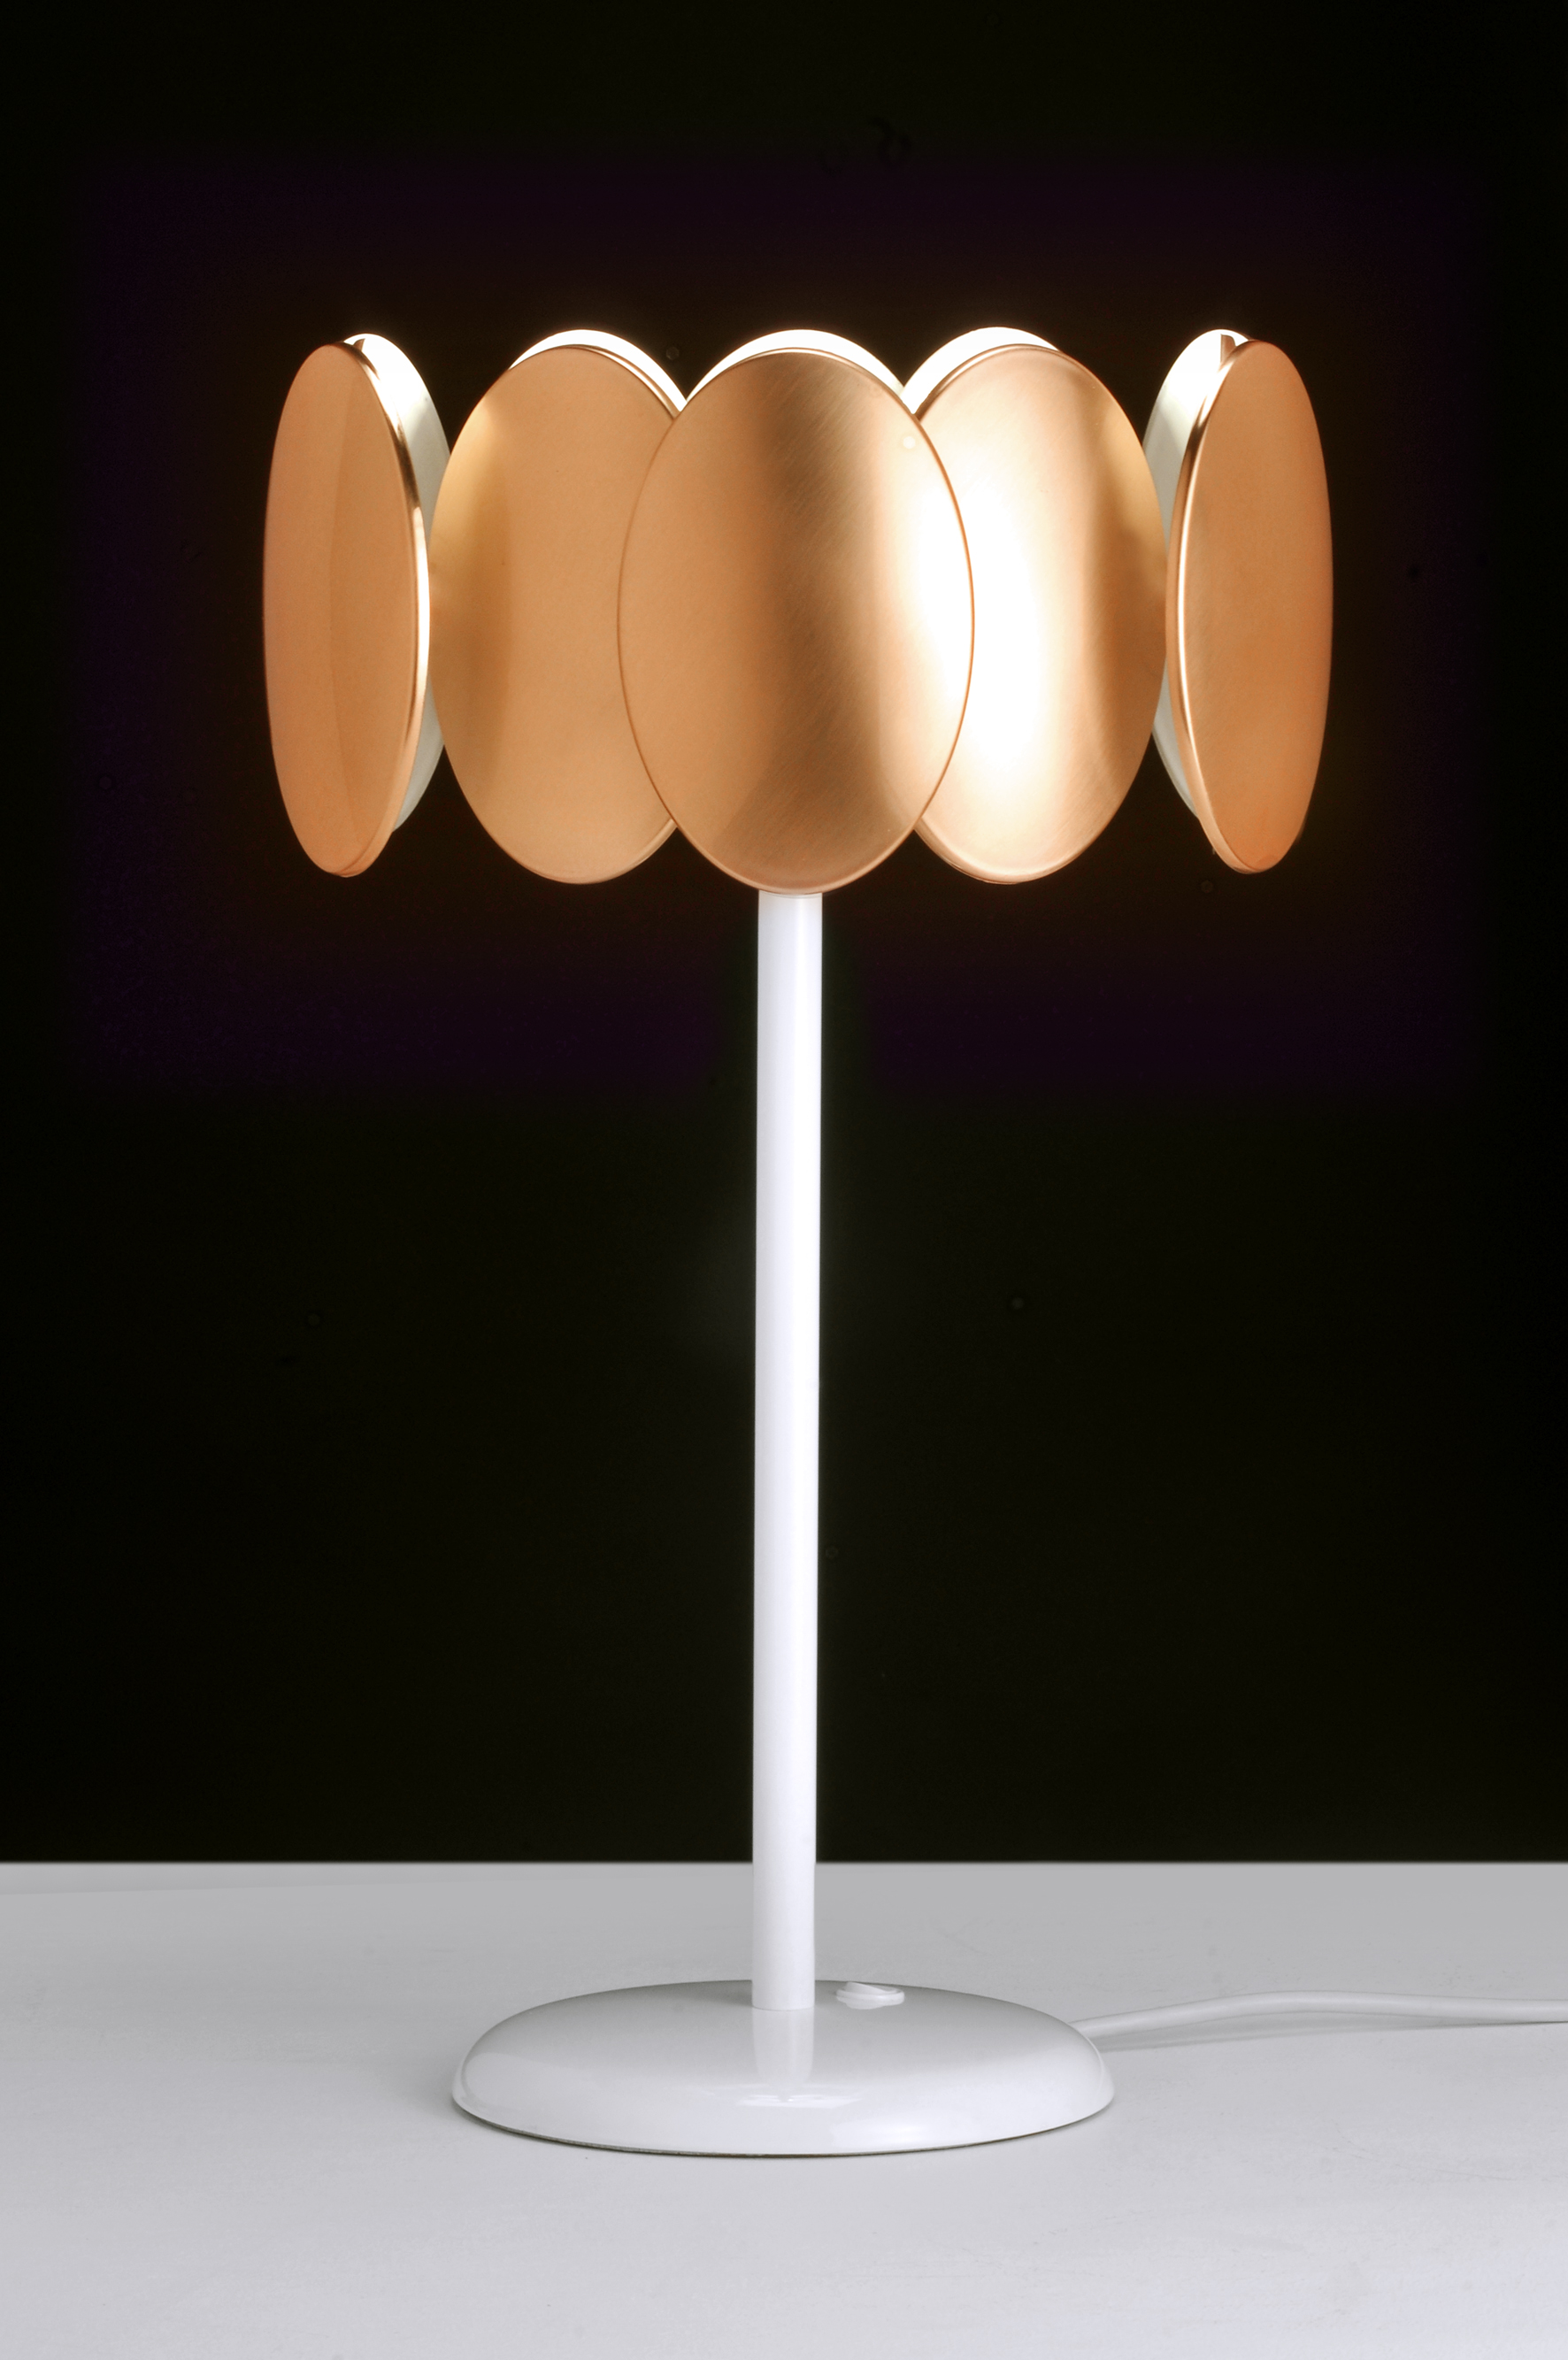 lampara obolo cupper bronce